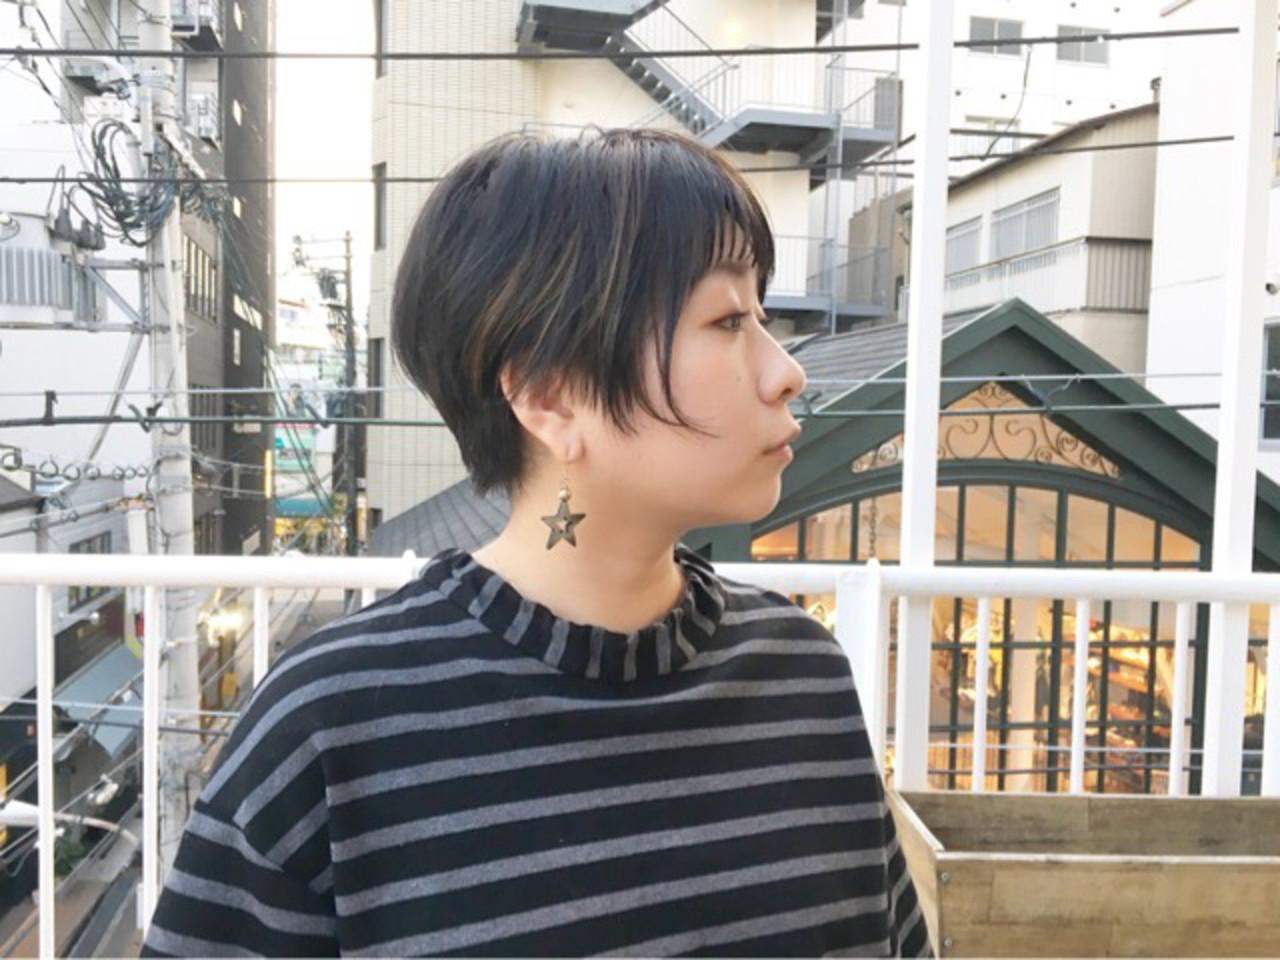 アッシュグレージュ ショート アッシュベージュ ネイビーアッシュ ヘアスタイルや髪型の写真・画像 | COM PASS 太一 / COM PASS